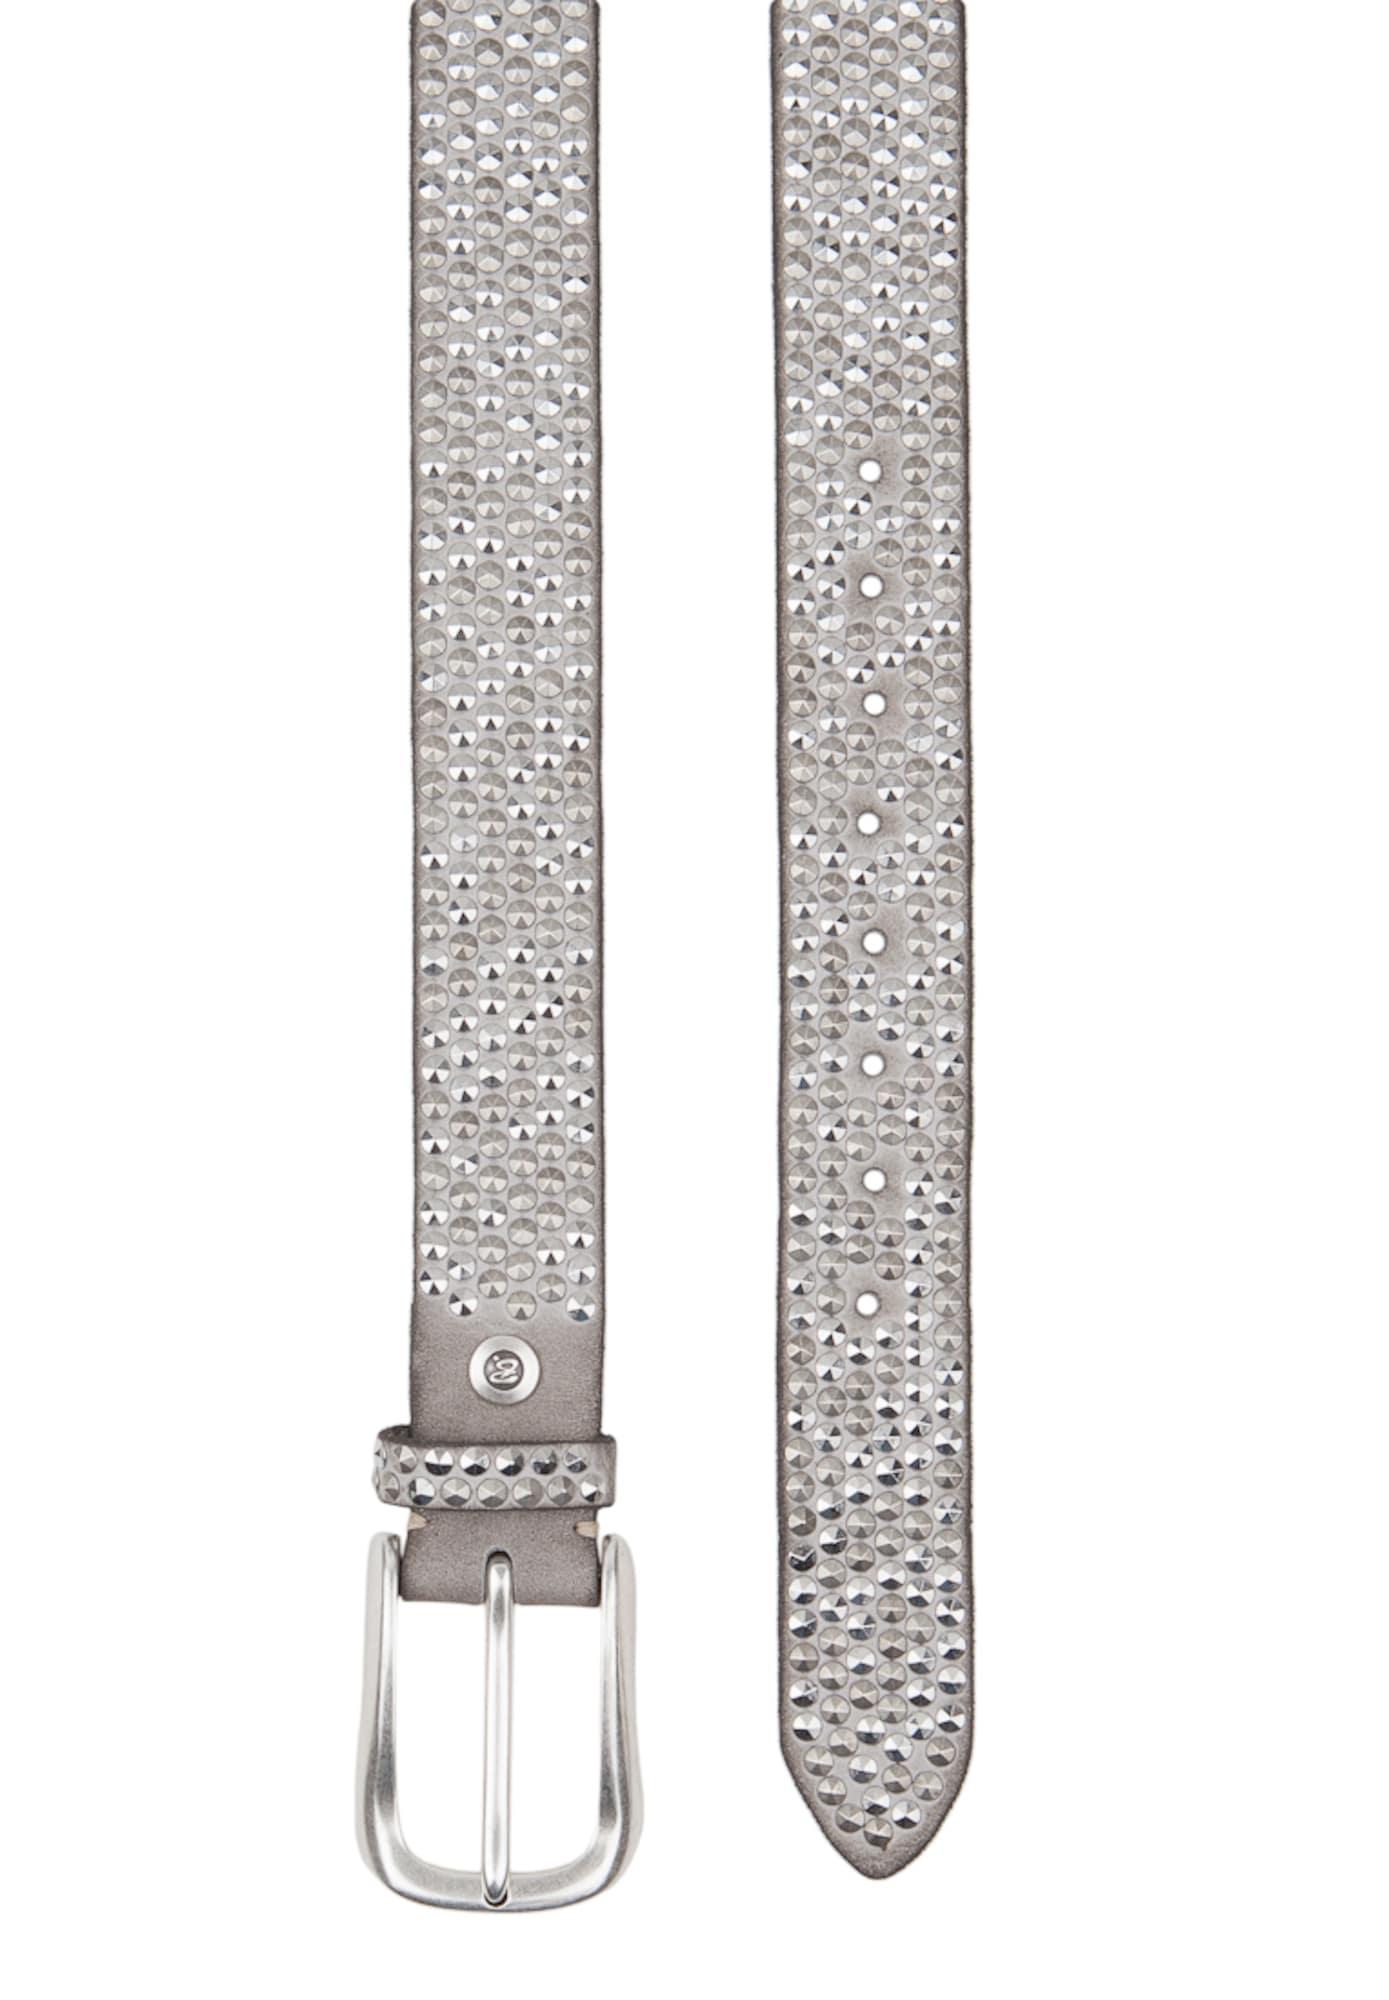 B.belt Handmade In Germany, Dames Riem, zilvergrijs